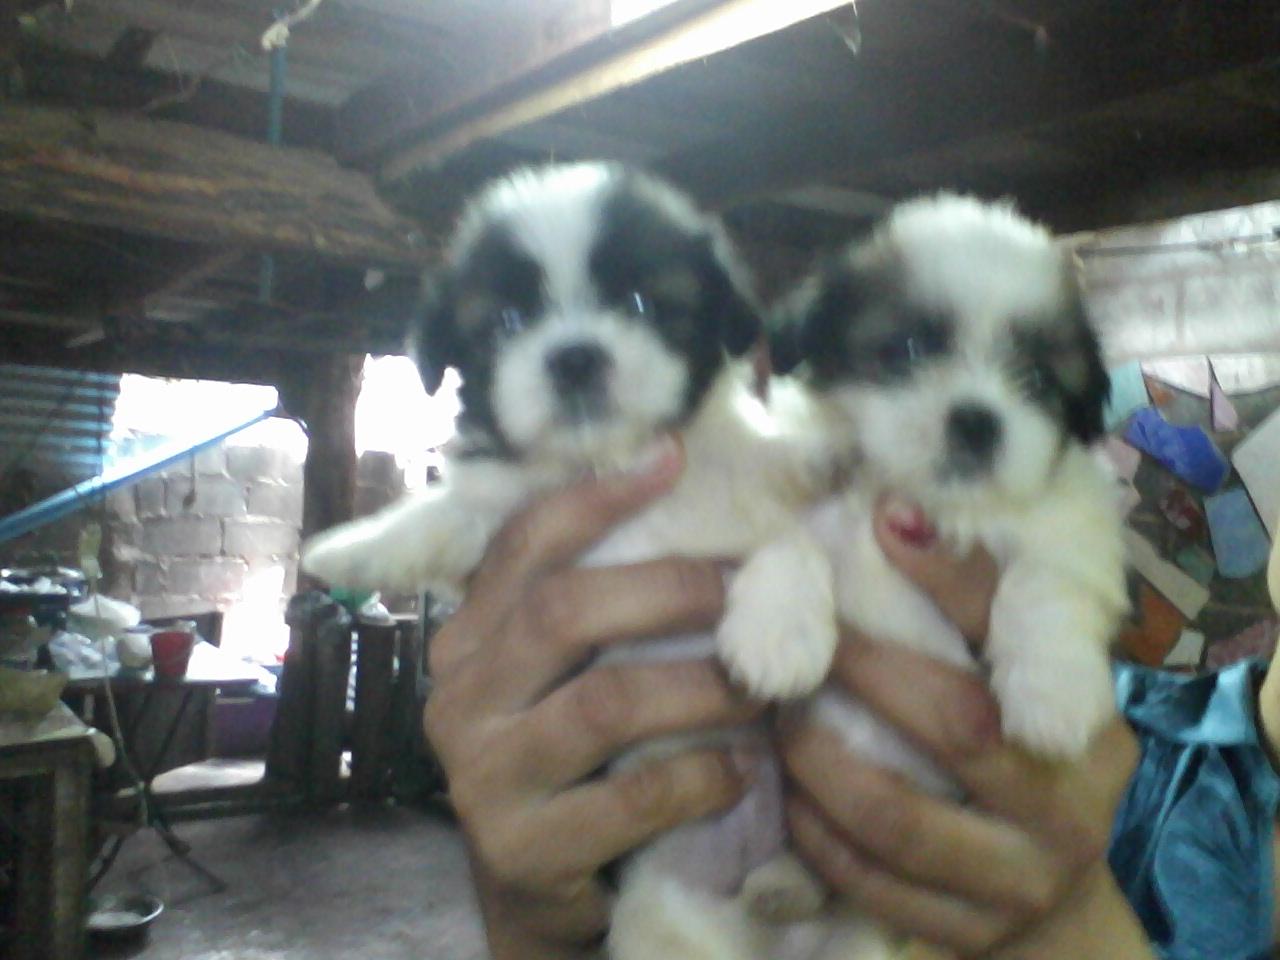 ขายลูกสุนัขพันชิสุ 5 ตัว เพศผู้ 3 ตัว เพศเมีย 2 ตัว อายุ 45 วัน ครับ